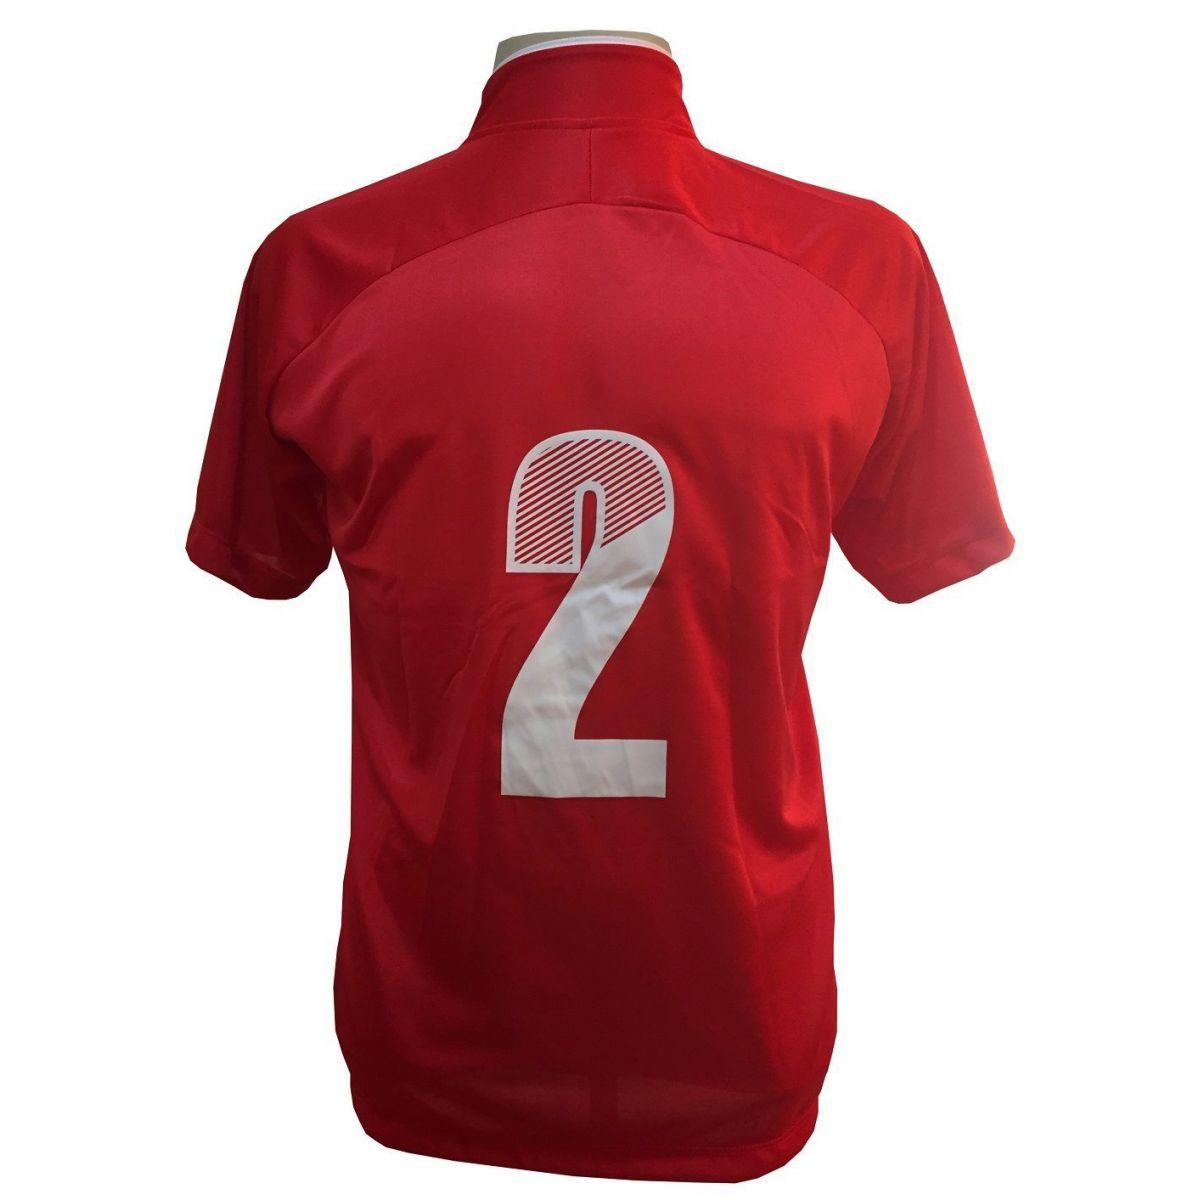 Uniforme Esportivo com 18 camisas modelo City Vermelho/Branco + 18 calções modelo Madrid Royal + Brindes